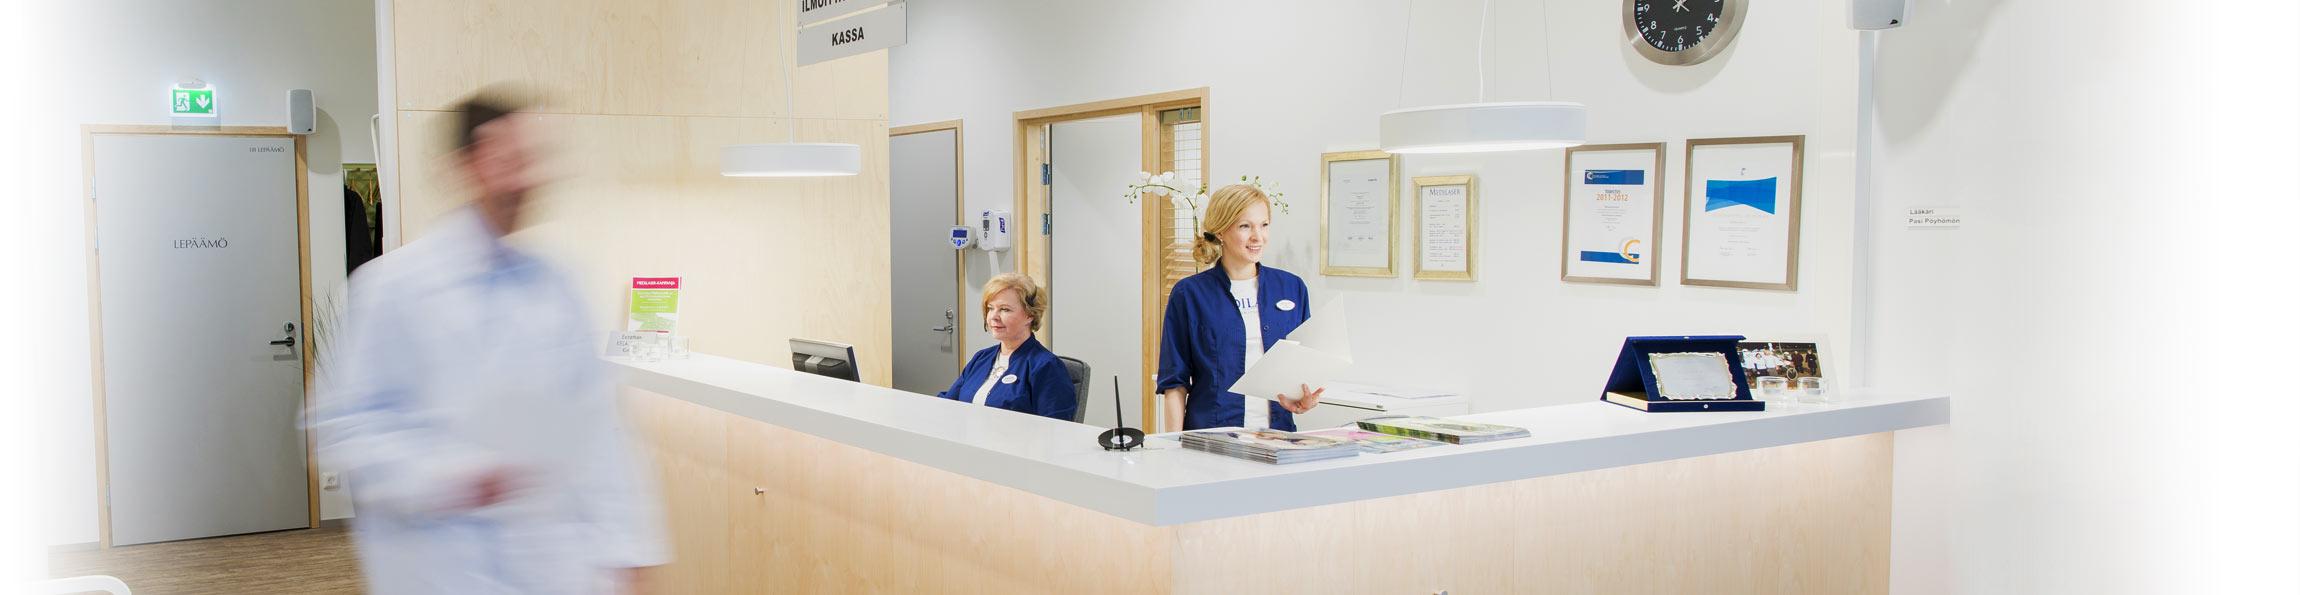 Medilaserin henkilökunta palvelee kymmenessä toimipisteessä.